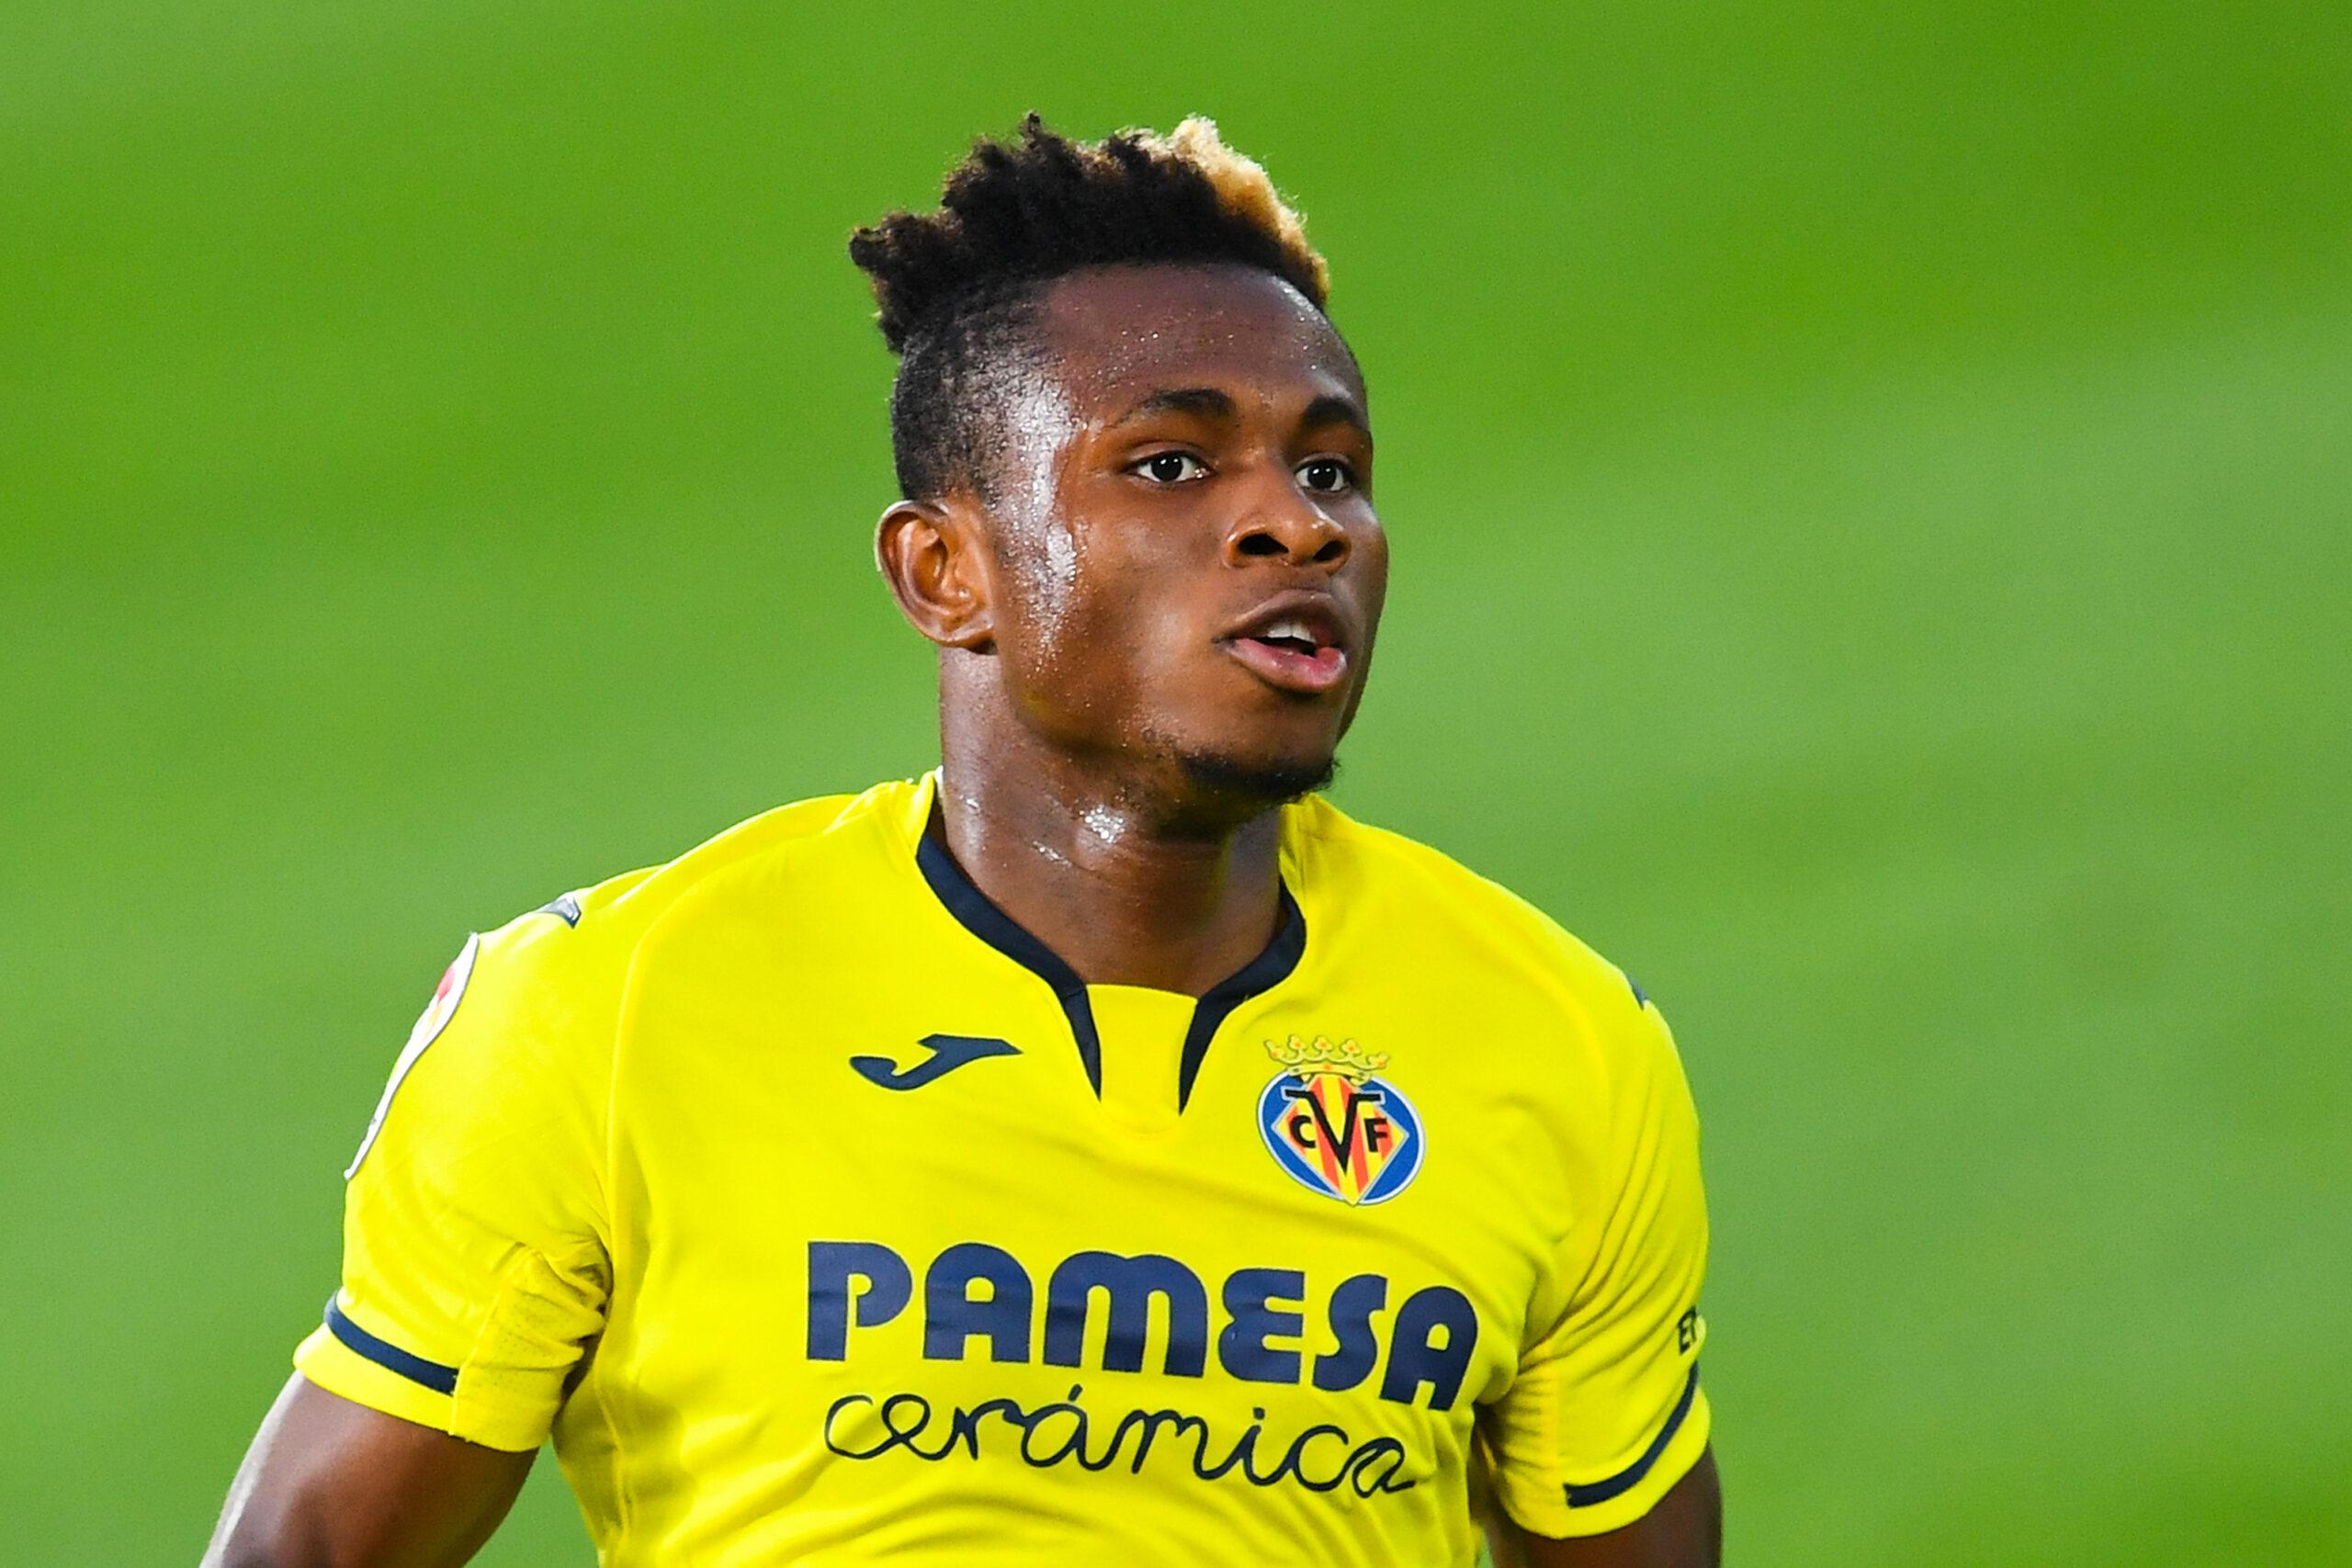 Samu Chukwueze es ya un posible fichaje del Atlético según MD